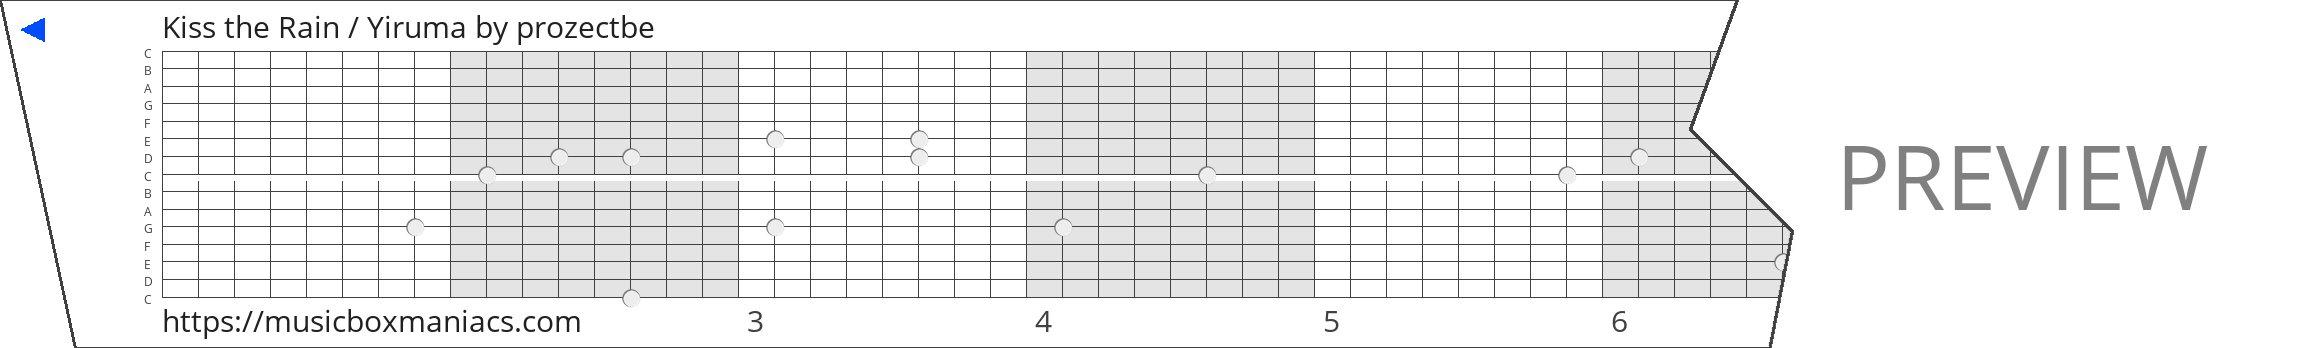 Kiss the Rain / Yiruma 15 note music box paper strip